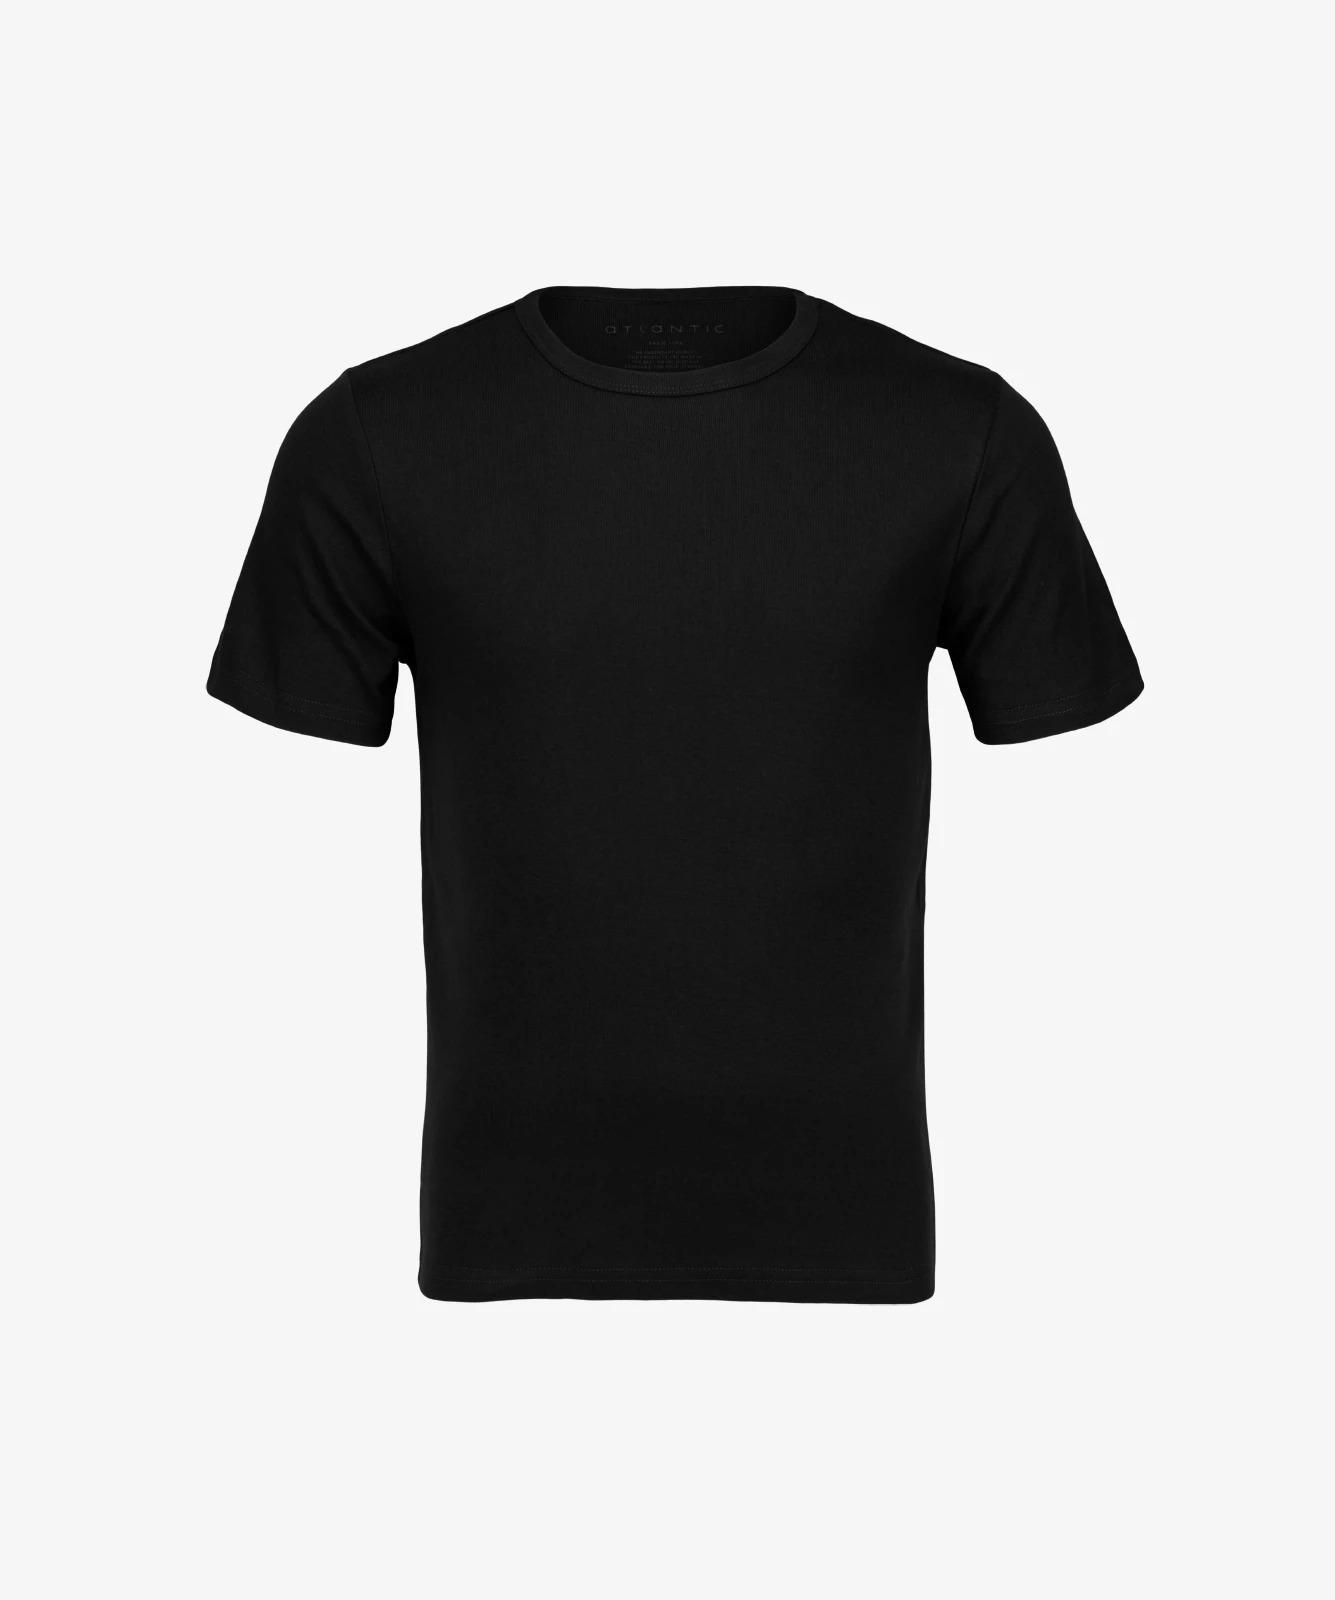 Футболка мужская Atlantic, 1 шт. в уп., хлопок, черная, Basic BMV-048